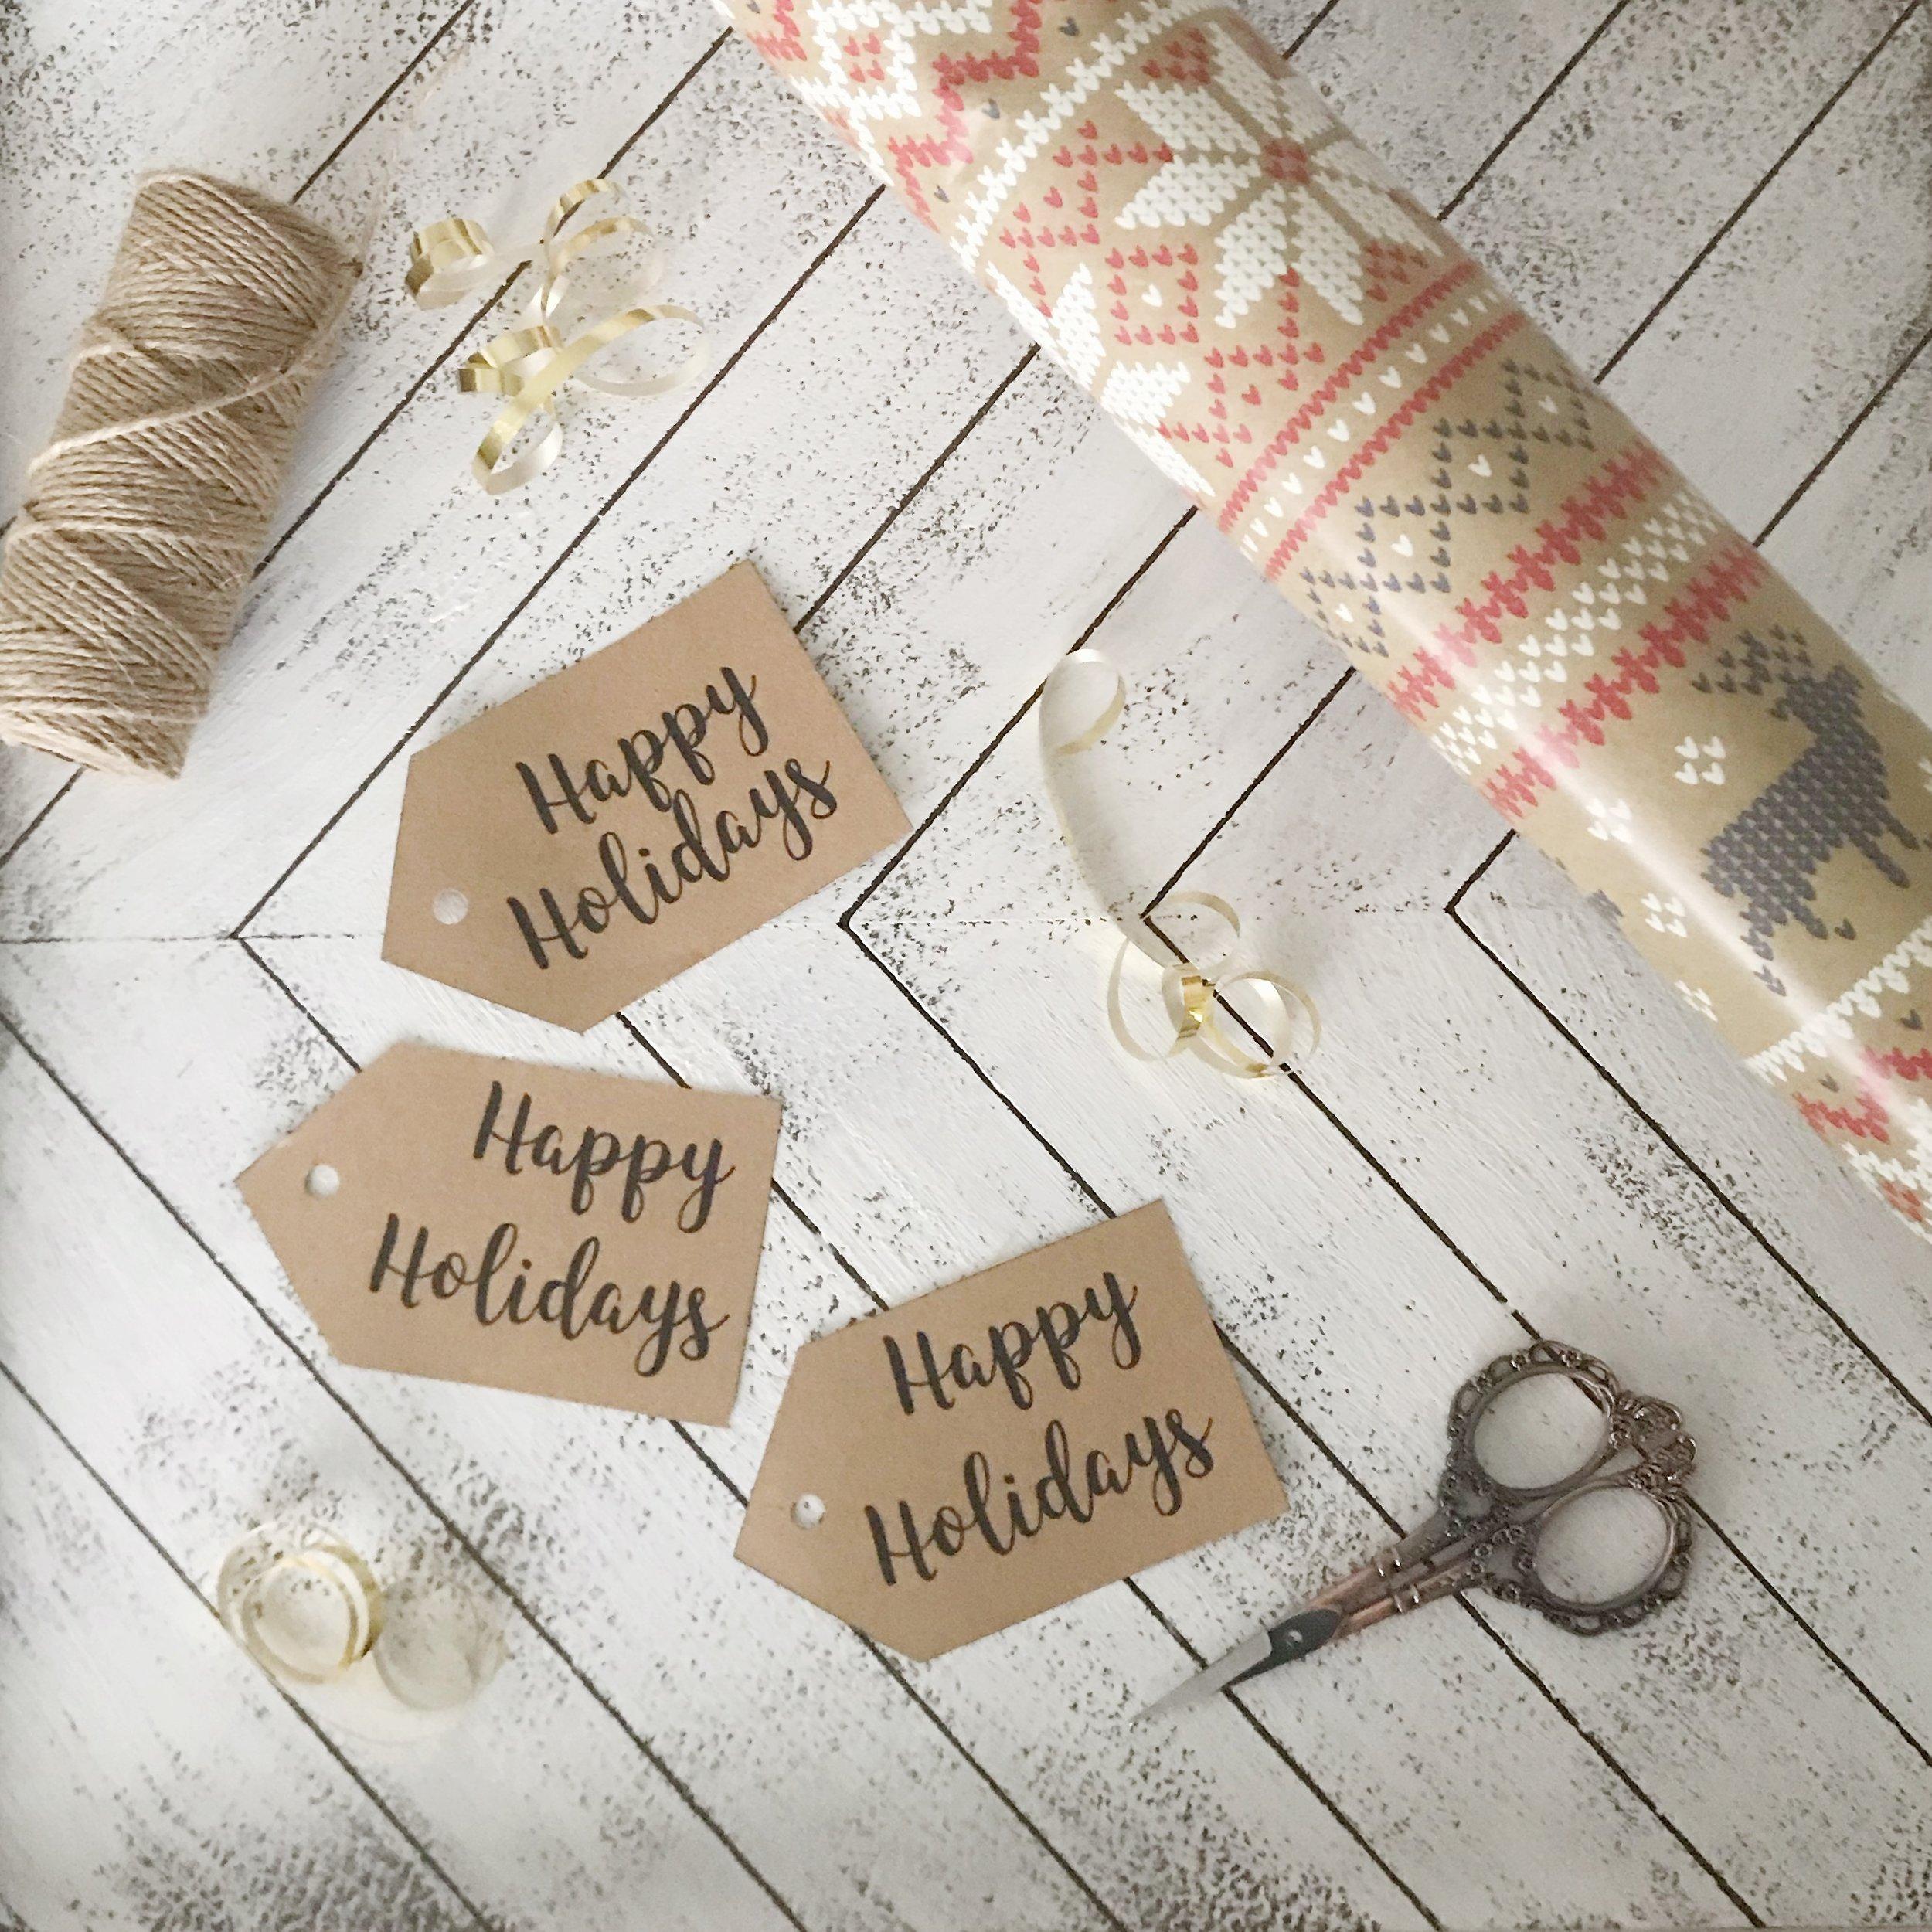 free printable holiday tags